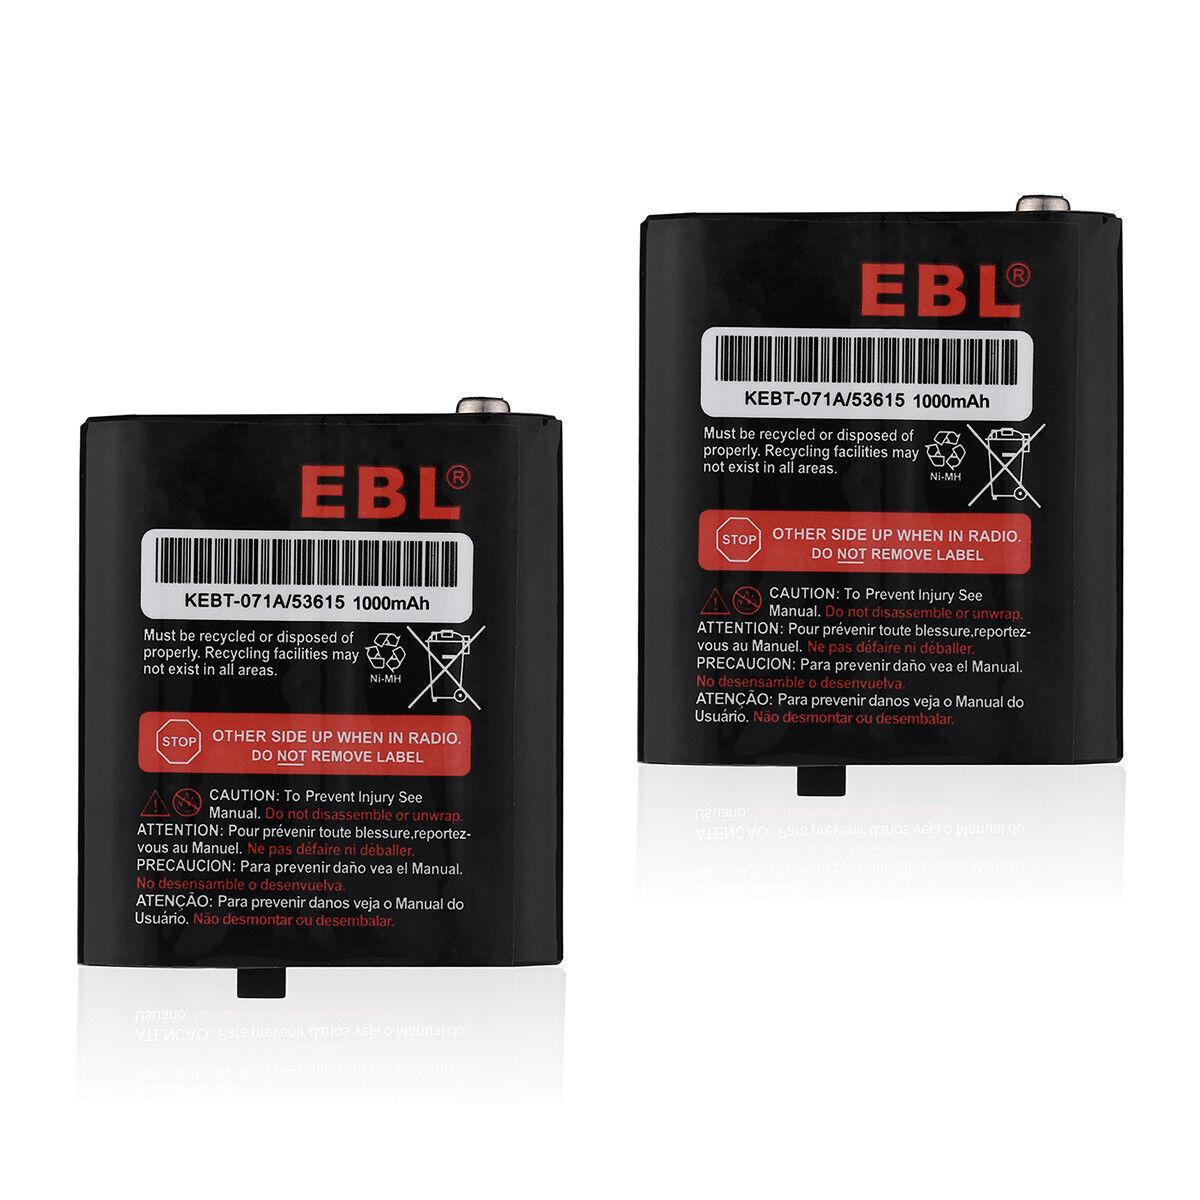 2x Battery For Motorola MR350 MJ270 T9500 T8500 MJ270 EM1000 53615 KEBT-071-D